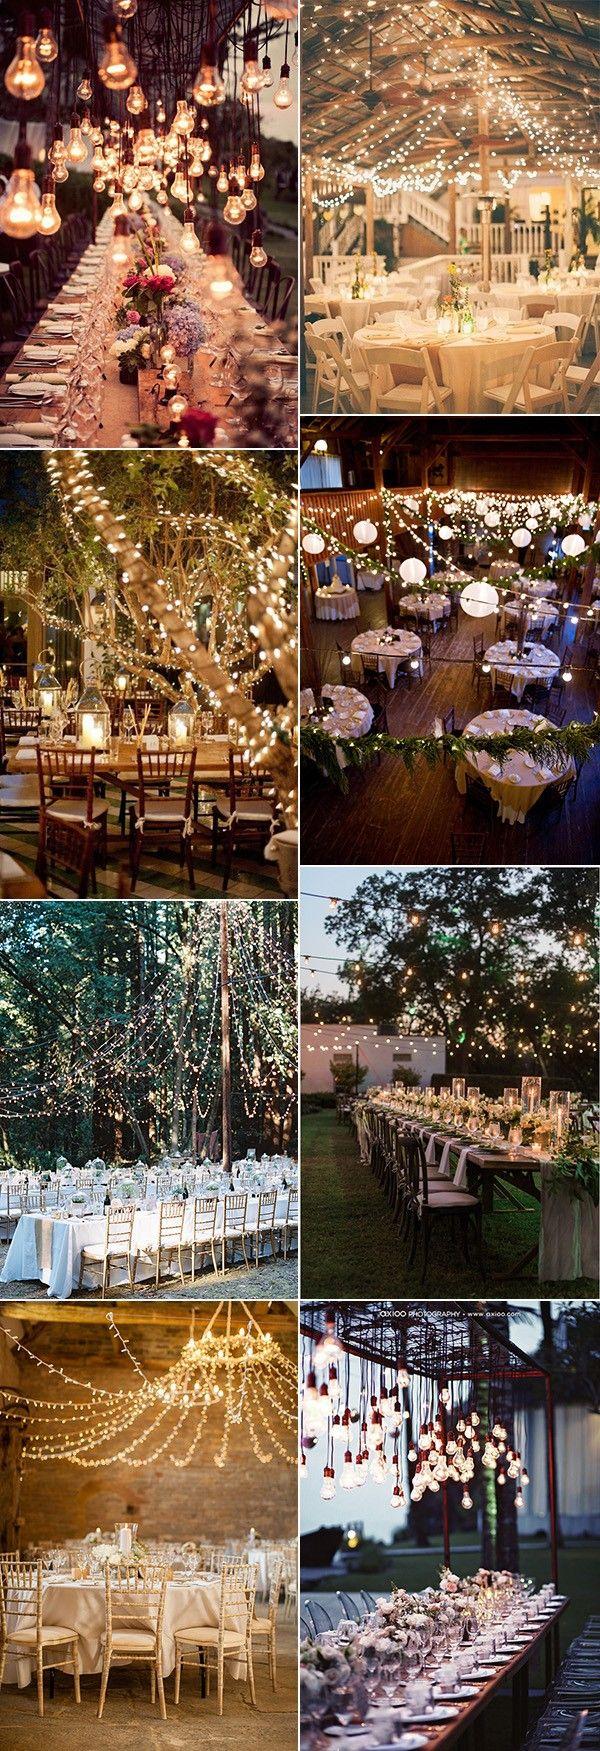 Fall wedding decoration ideas reception  wedding reception table decoration ideas with lights for fall